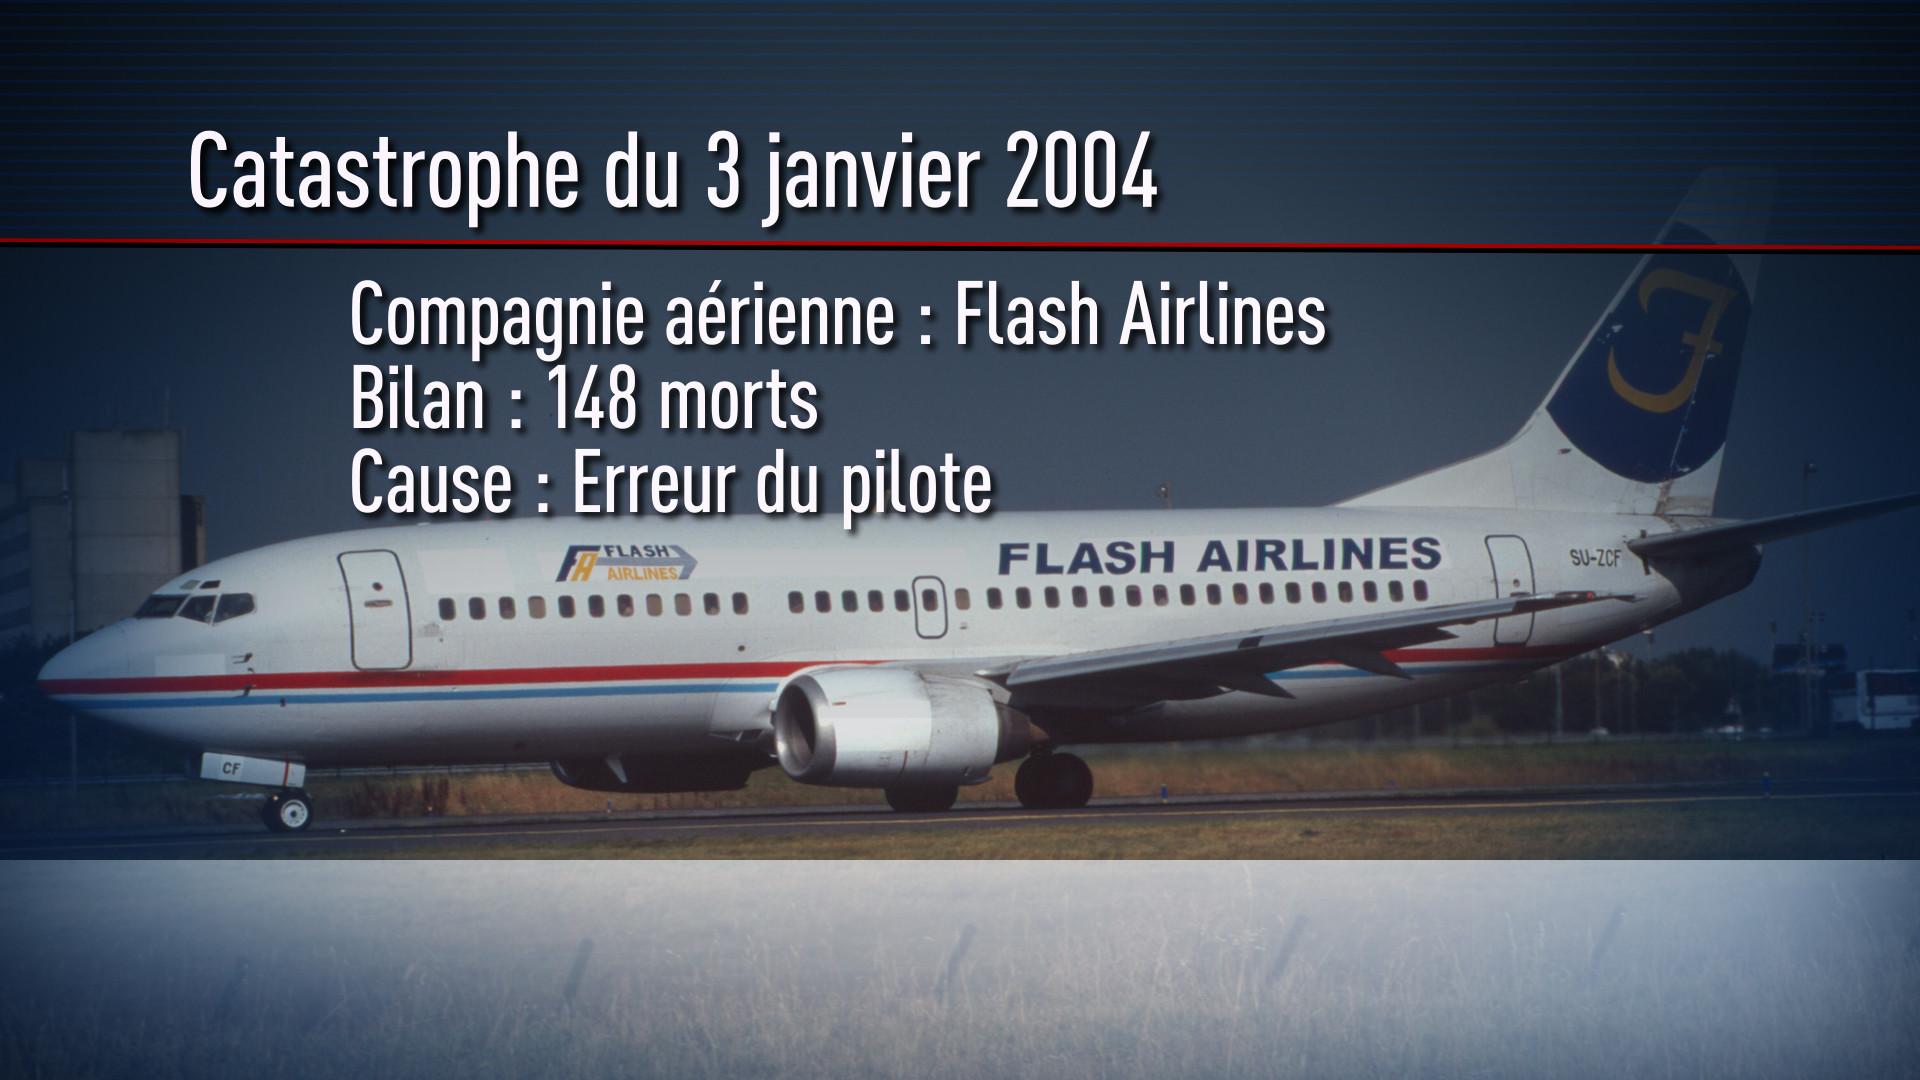 Les cinq catastrophes aériennes les plus graves du ciel égyptien